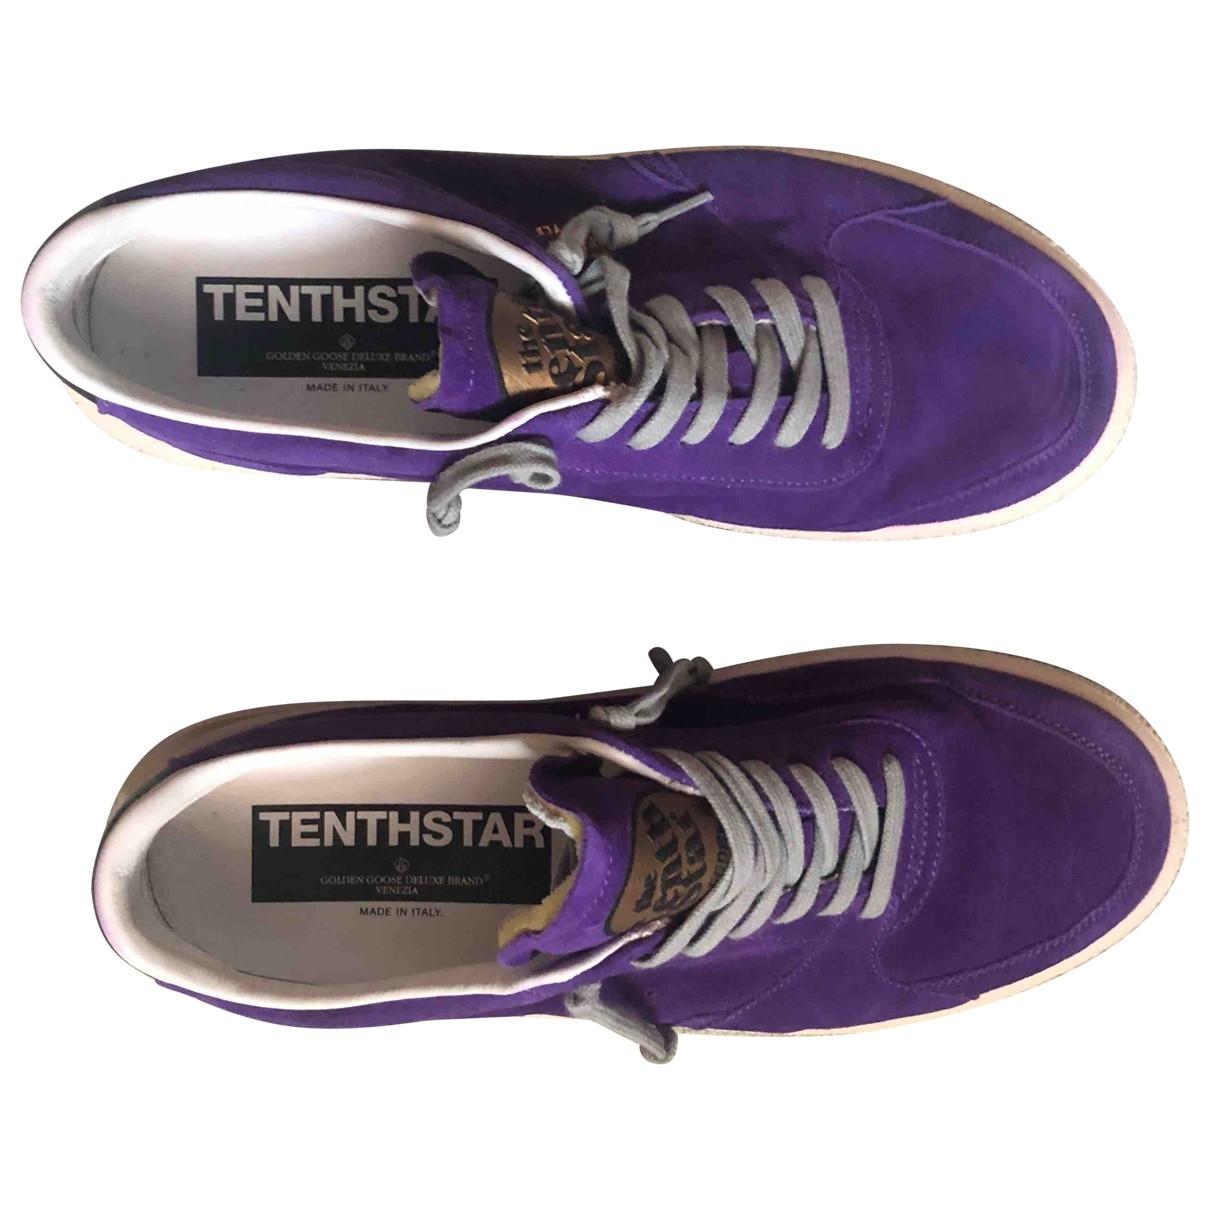 Golden Goose - Baskets Tenthstar pour femme en cuir - violet